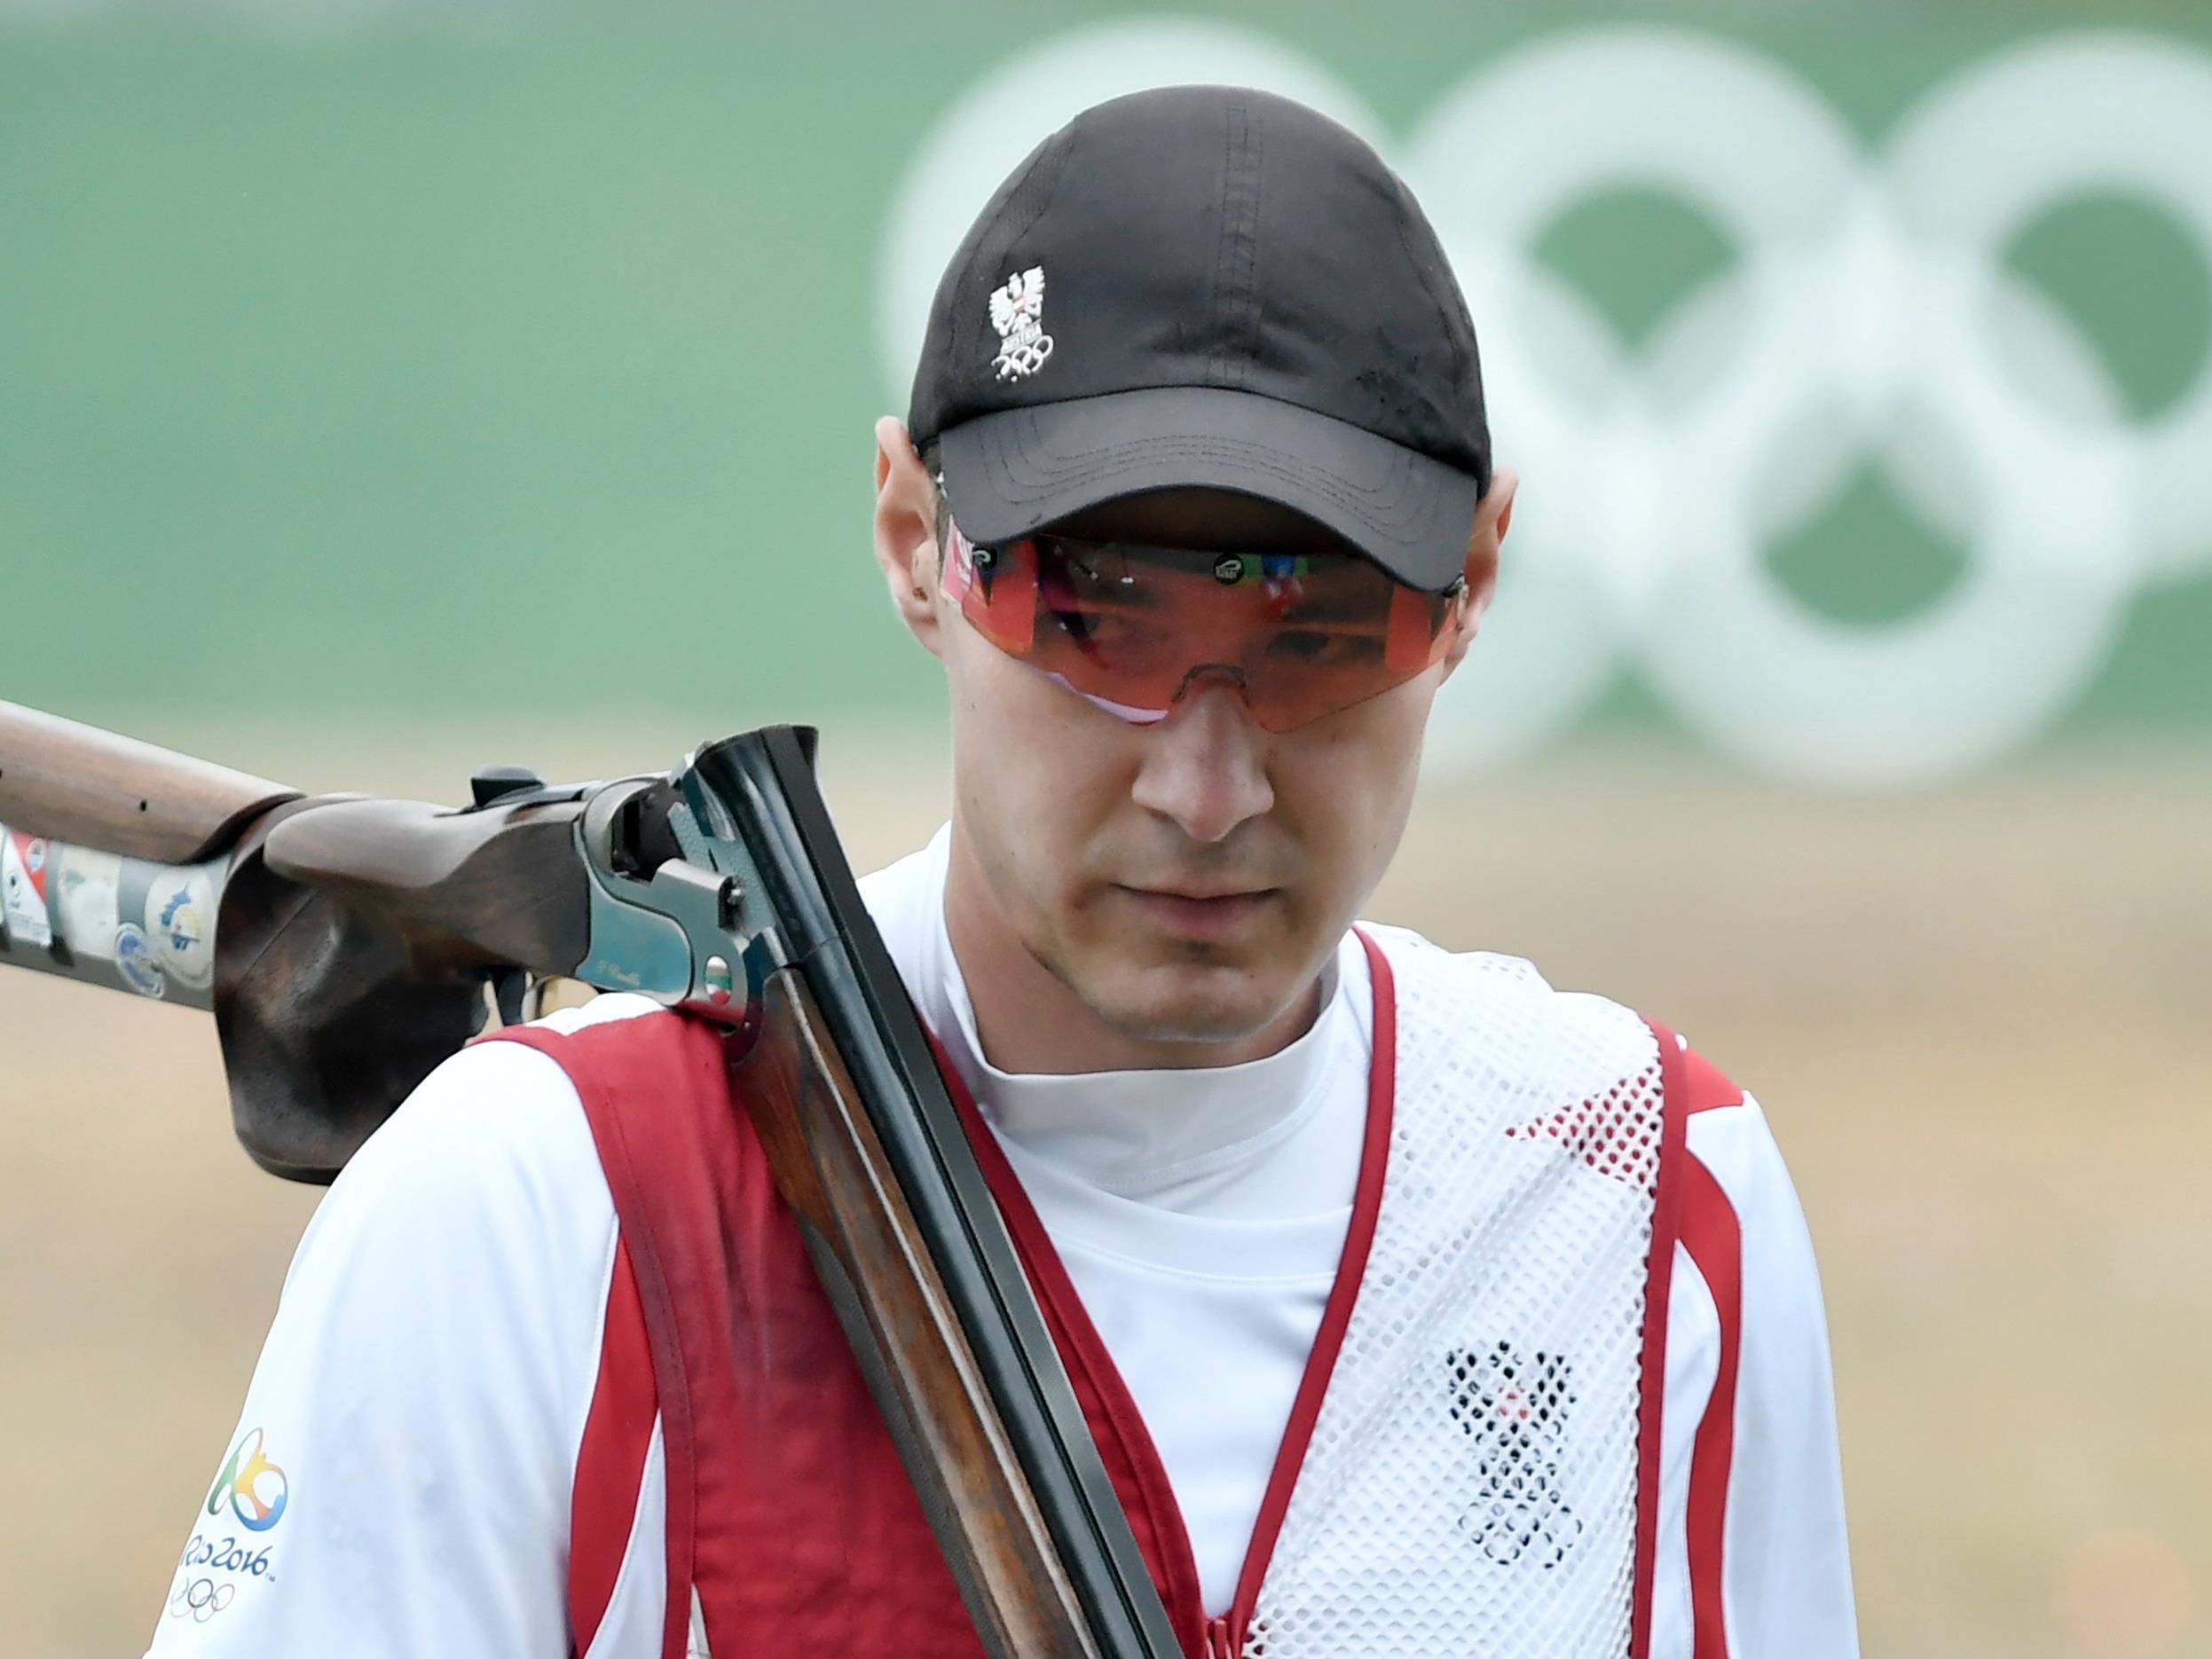 Sebastian Kuntschik am Freitag während des Wettkampfs.